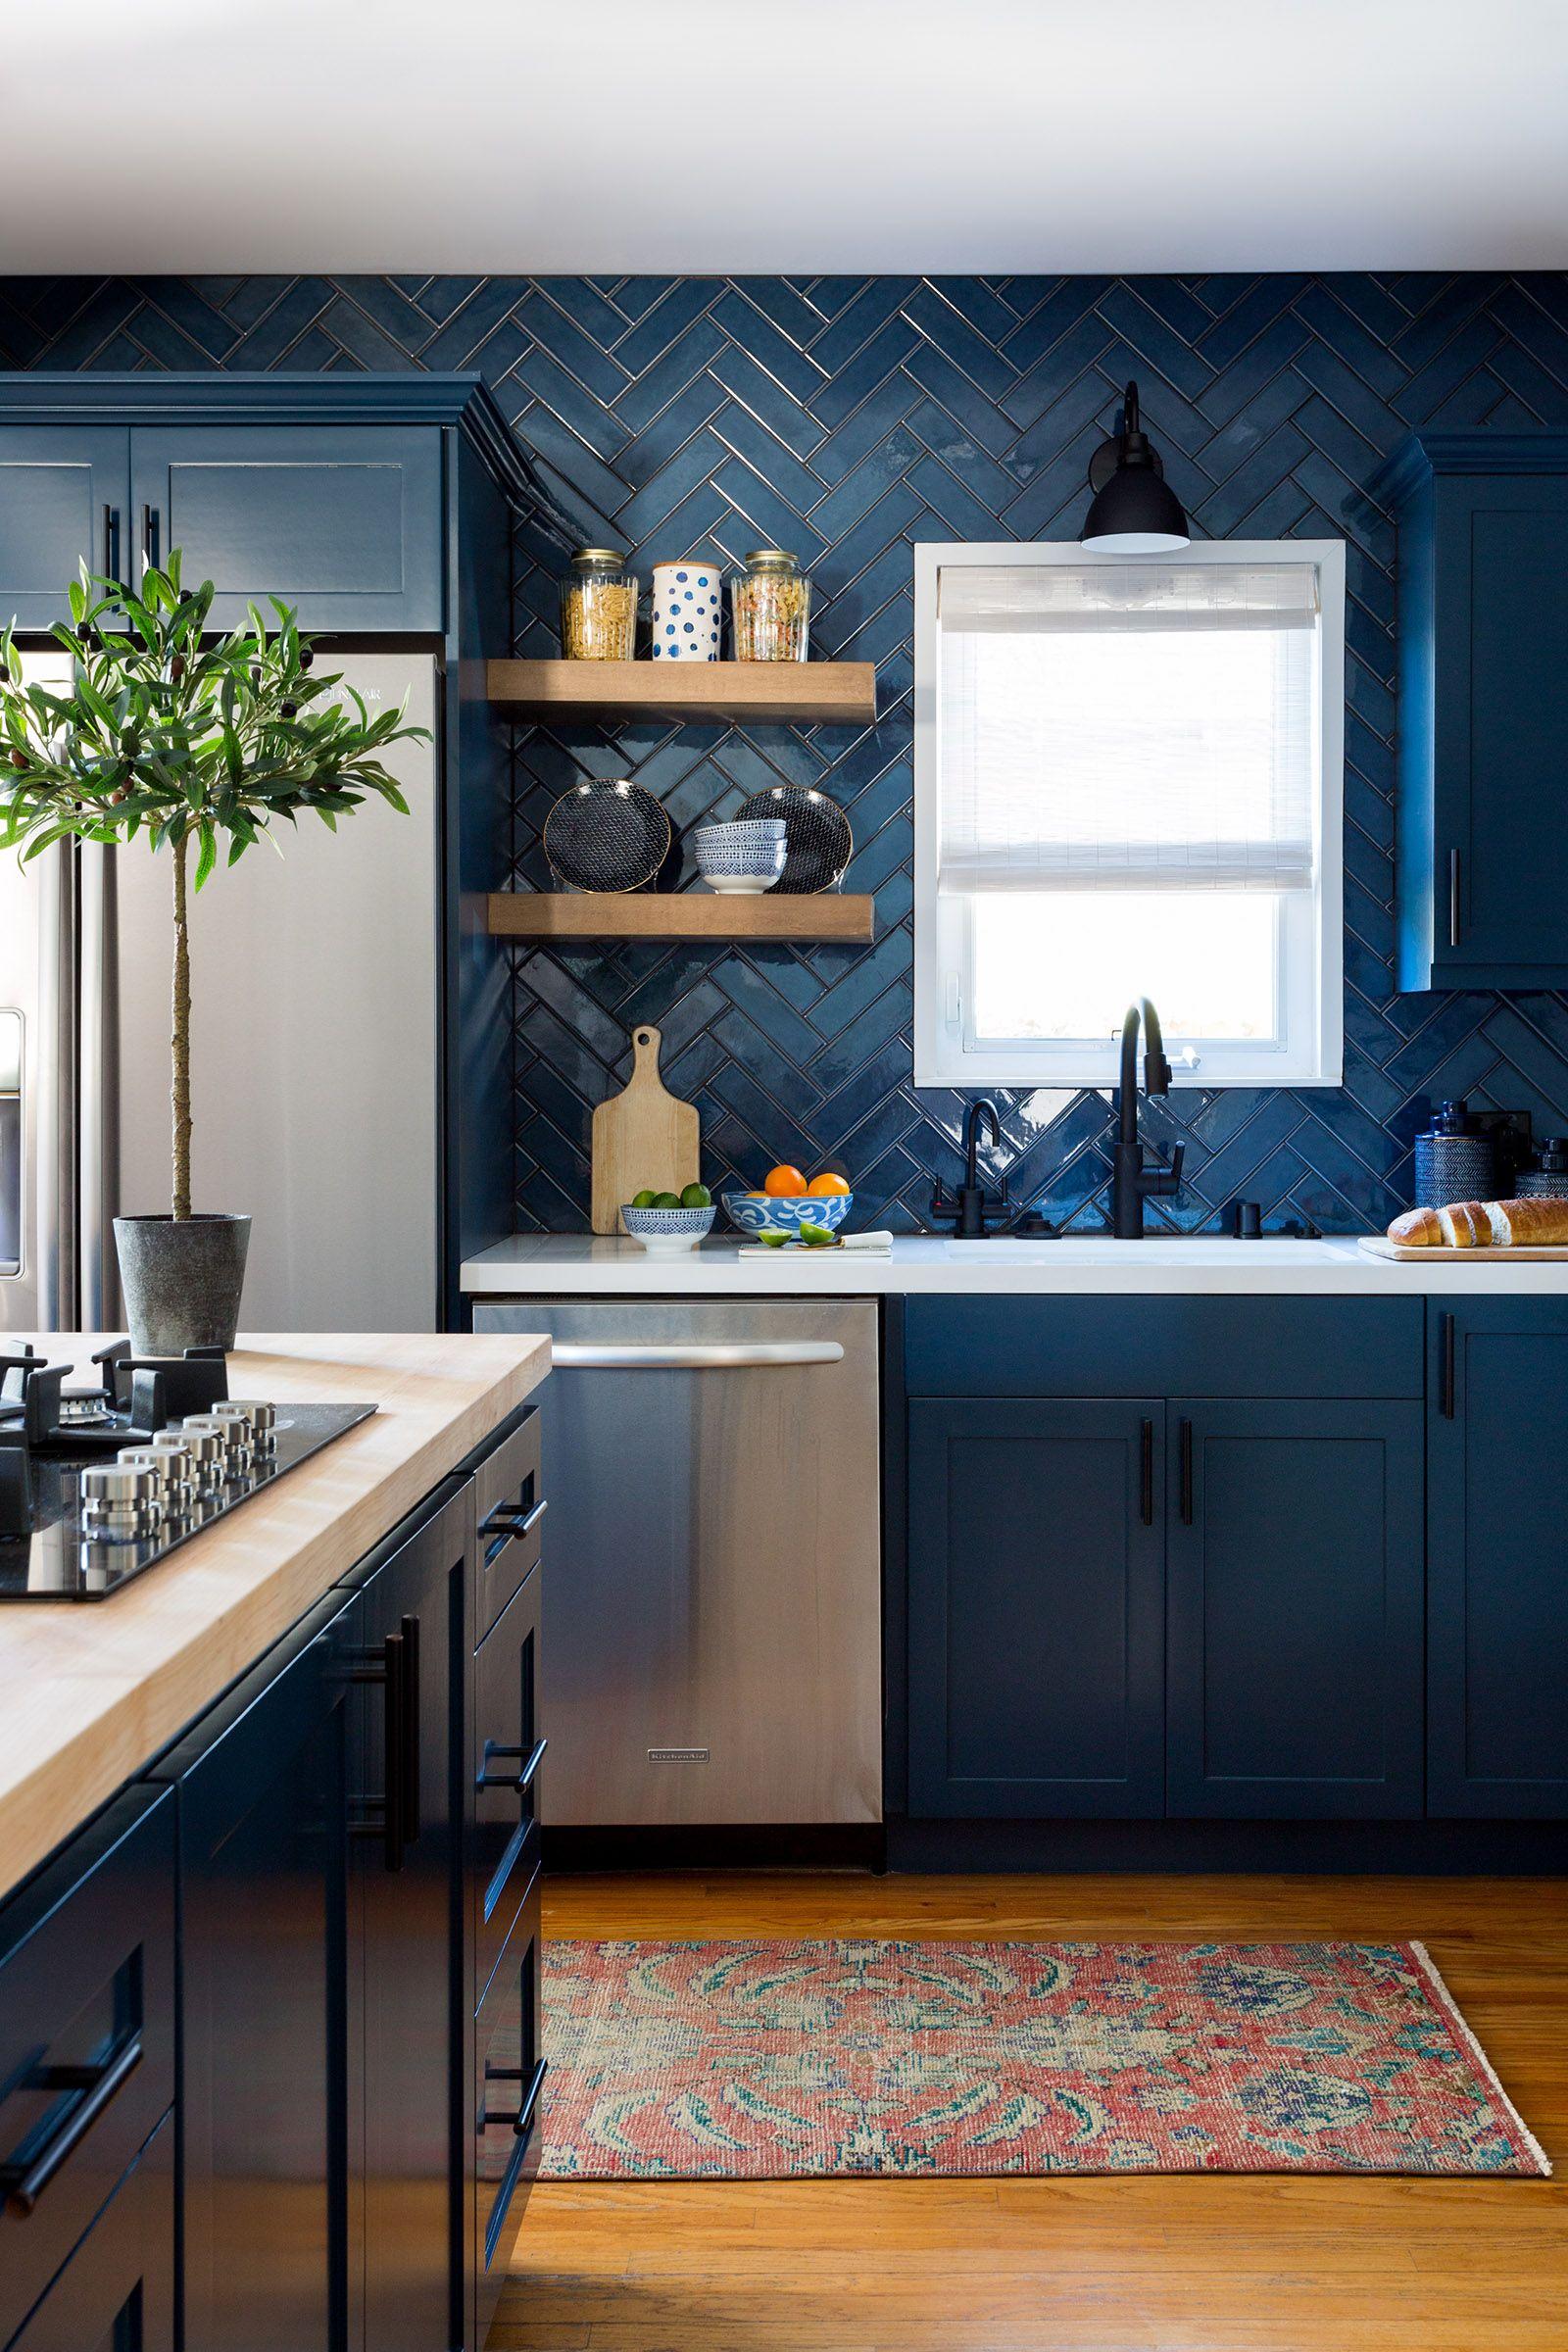 Dark blue kitchen with blue tile backsplash